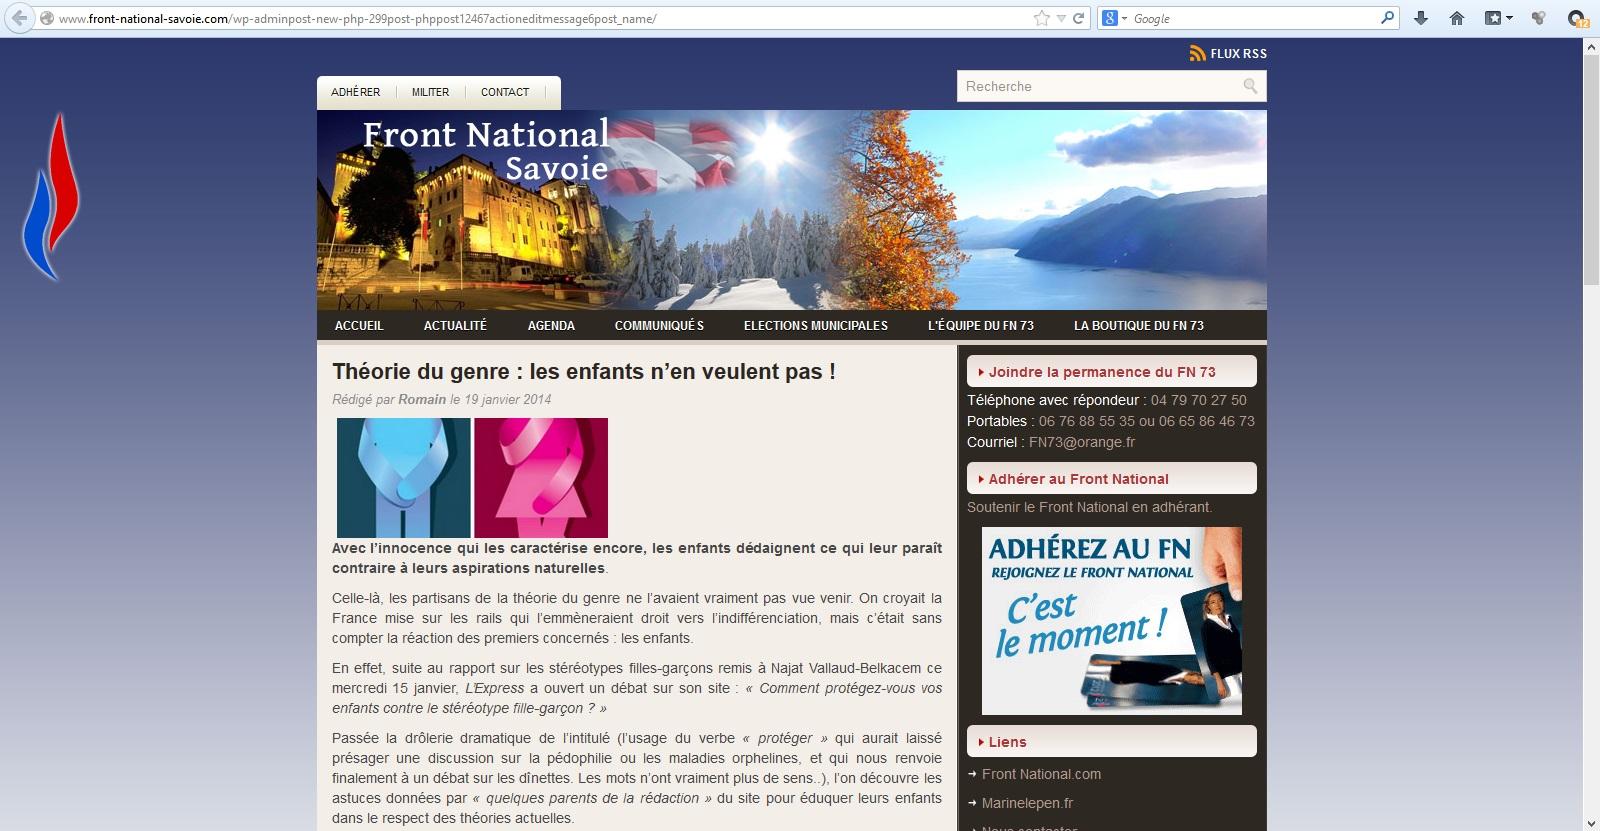 FN_Theorie_du_genre-Savoie